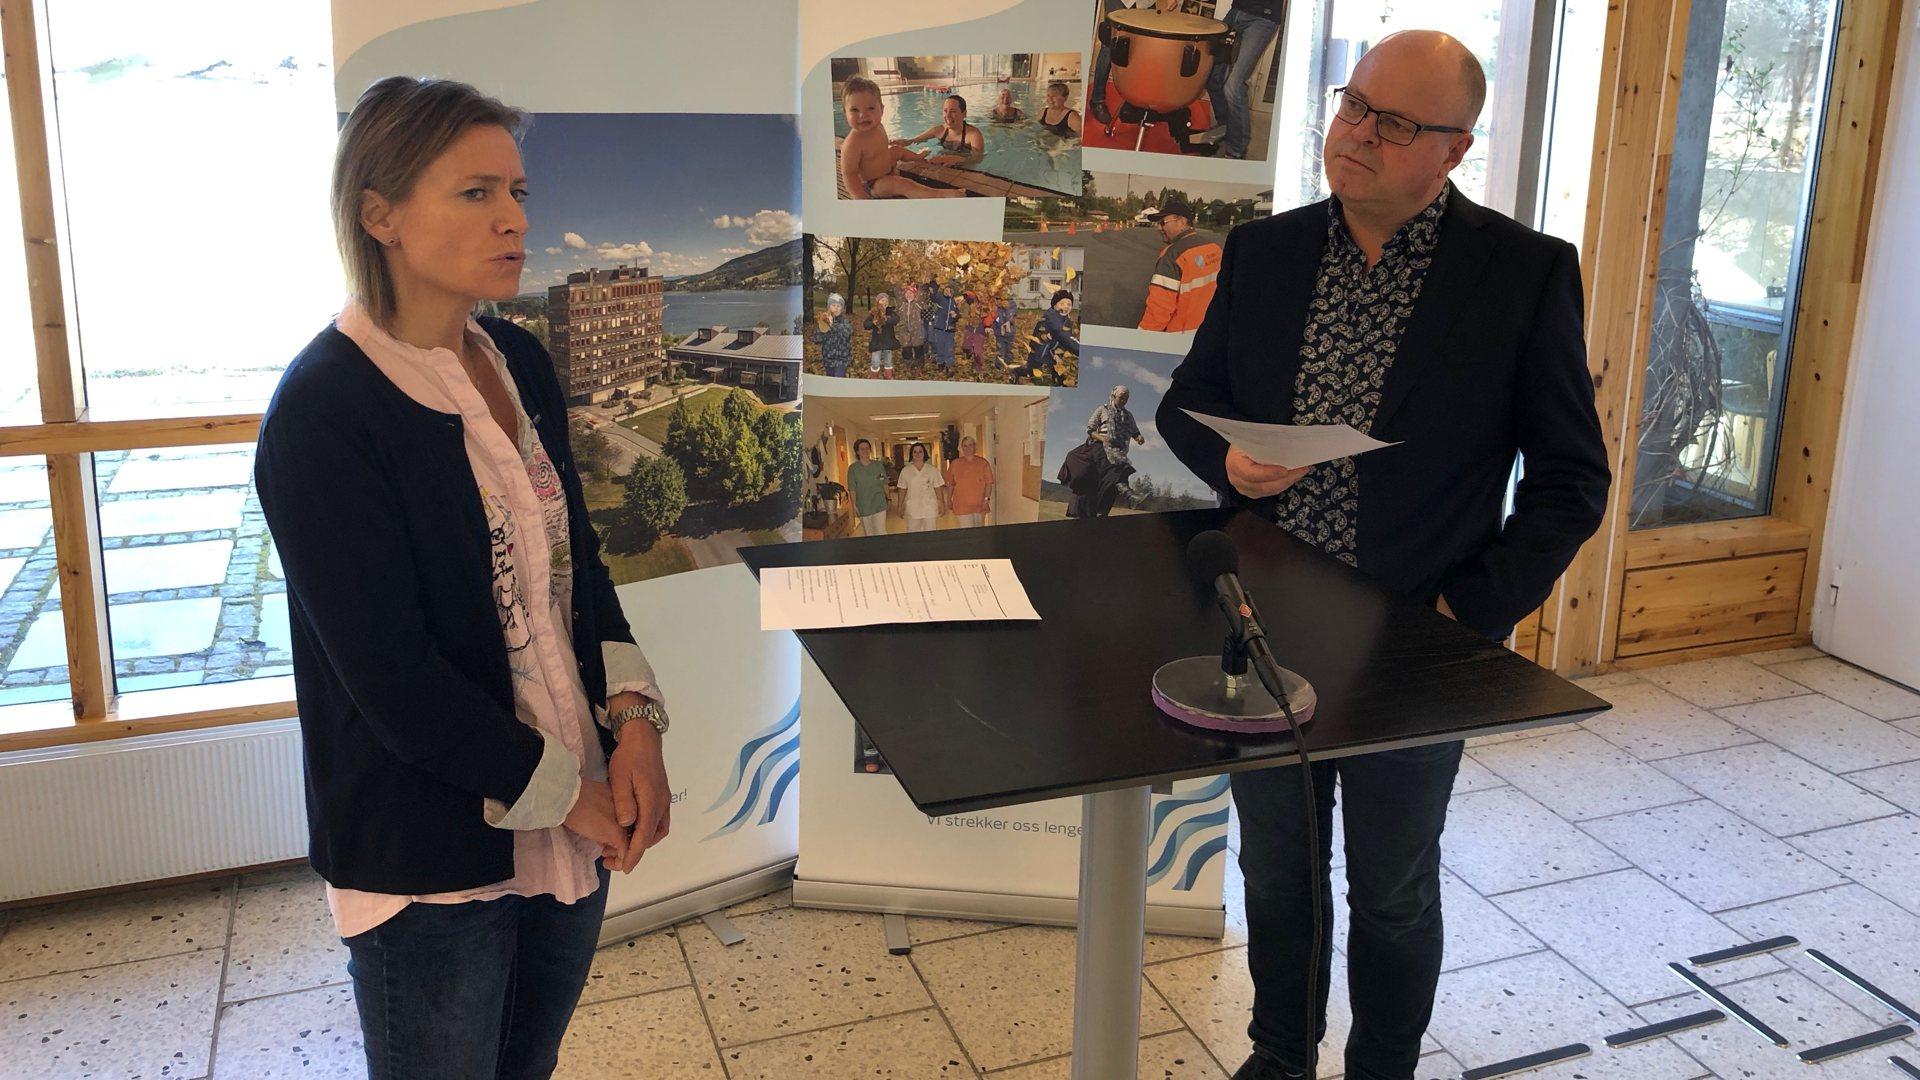 2020-03-18_KommunensOppdateringOnsdag